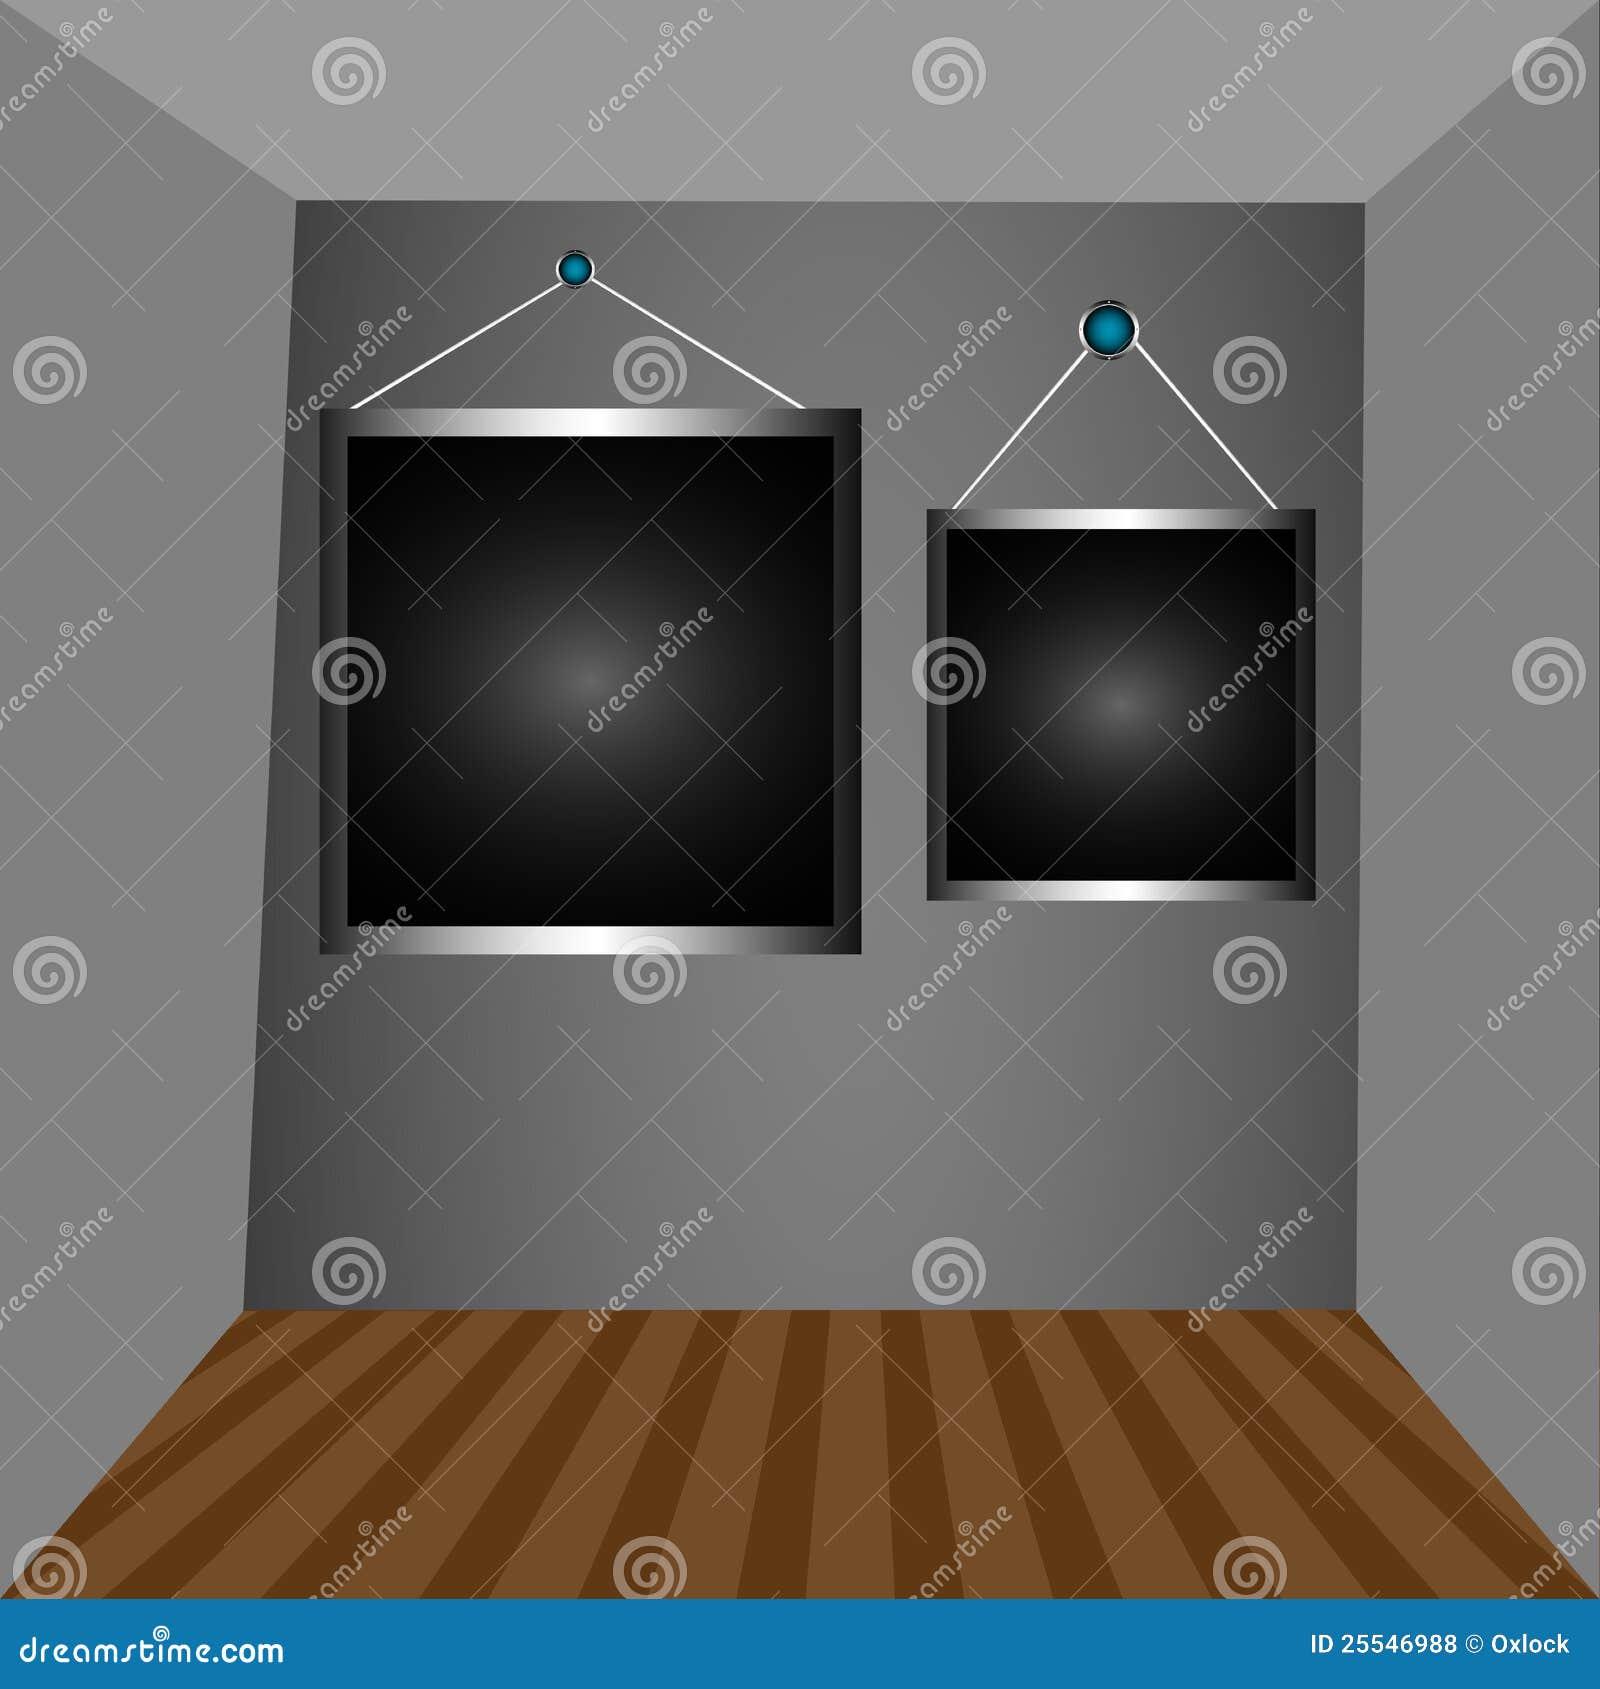 graue w nde und dunkle felder lizenzfreie stockfotos. Black Bedroom Furniture Sets. Home Design Ideas